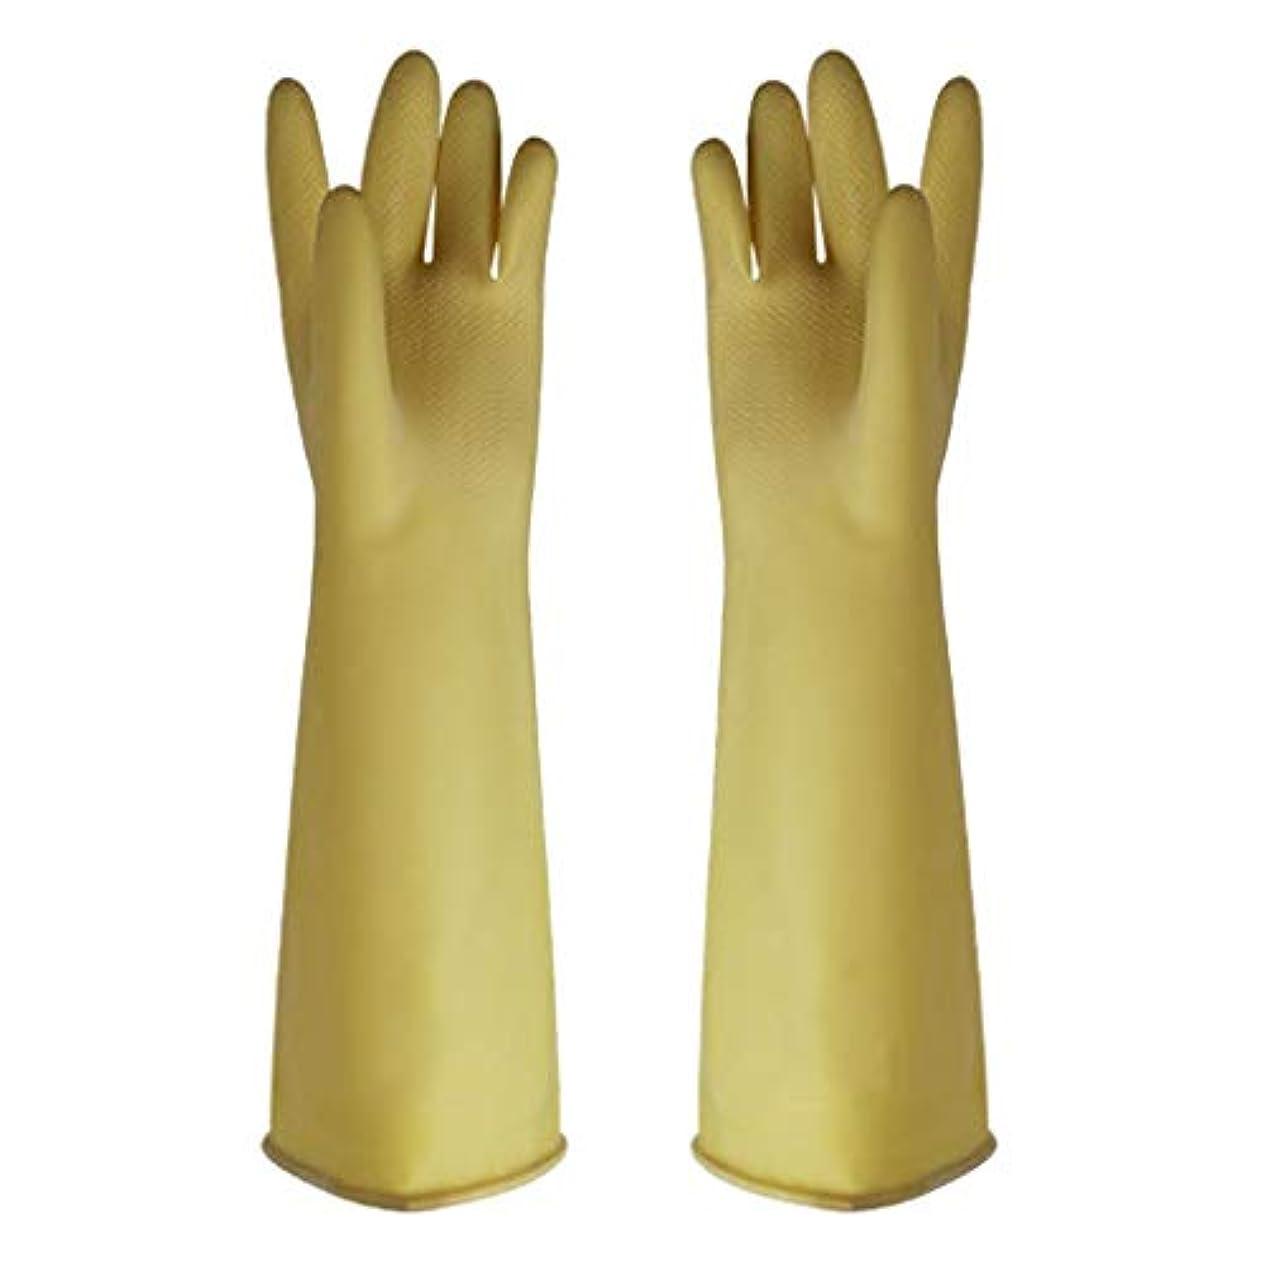 頬ディレクター艶ゴム手袋 - 家庭用クリーニング用の耐摩耗性のある酸とアルカリ耐性の増粘厚さ45cm